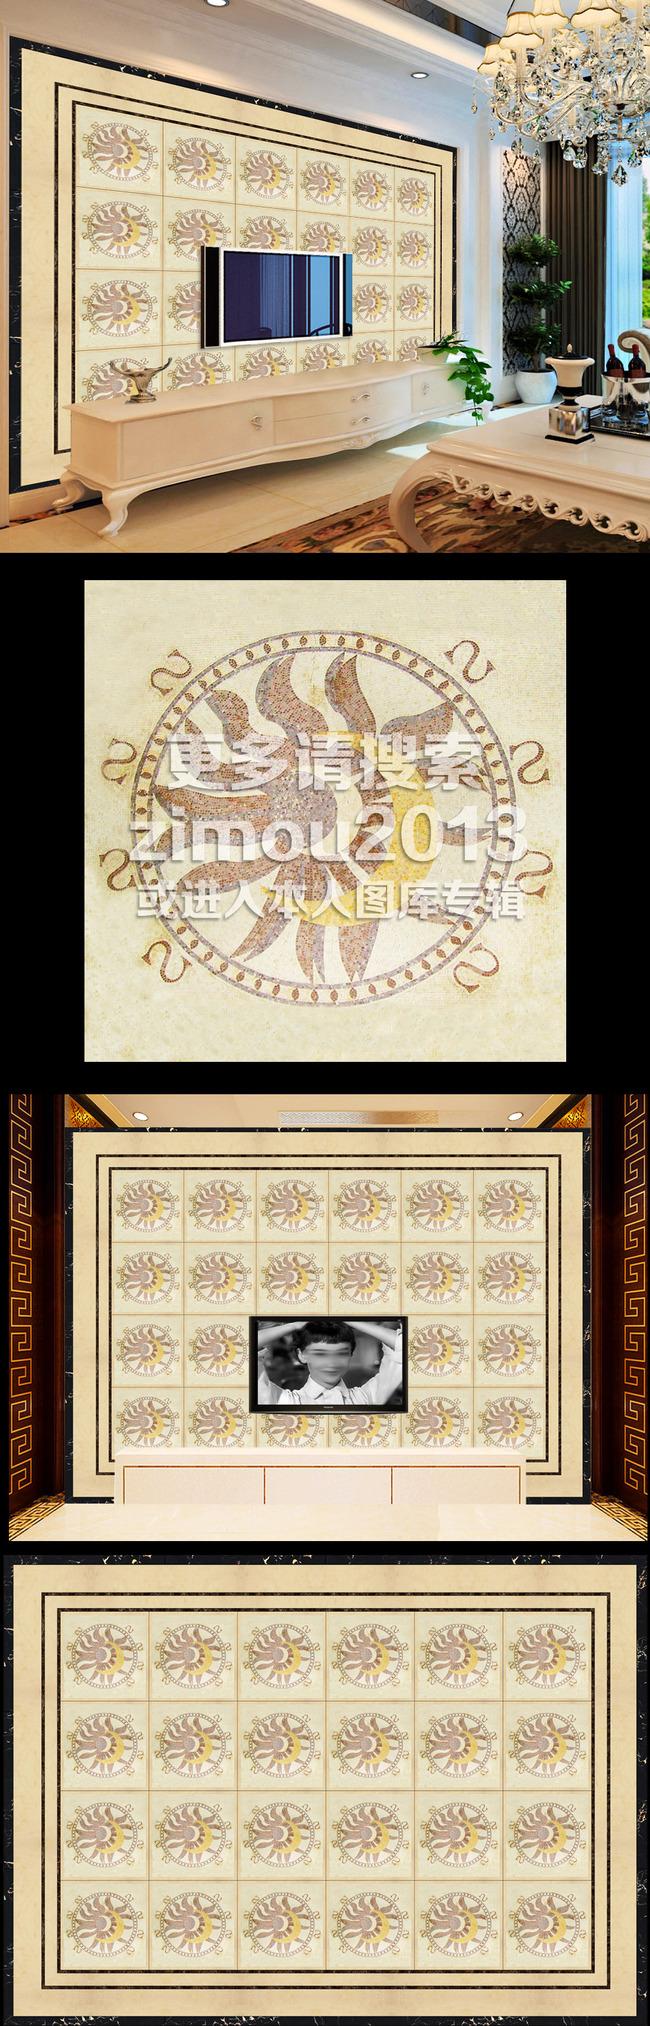 【】高清欧式瓷砖拼花马赛克背景墙装饰画